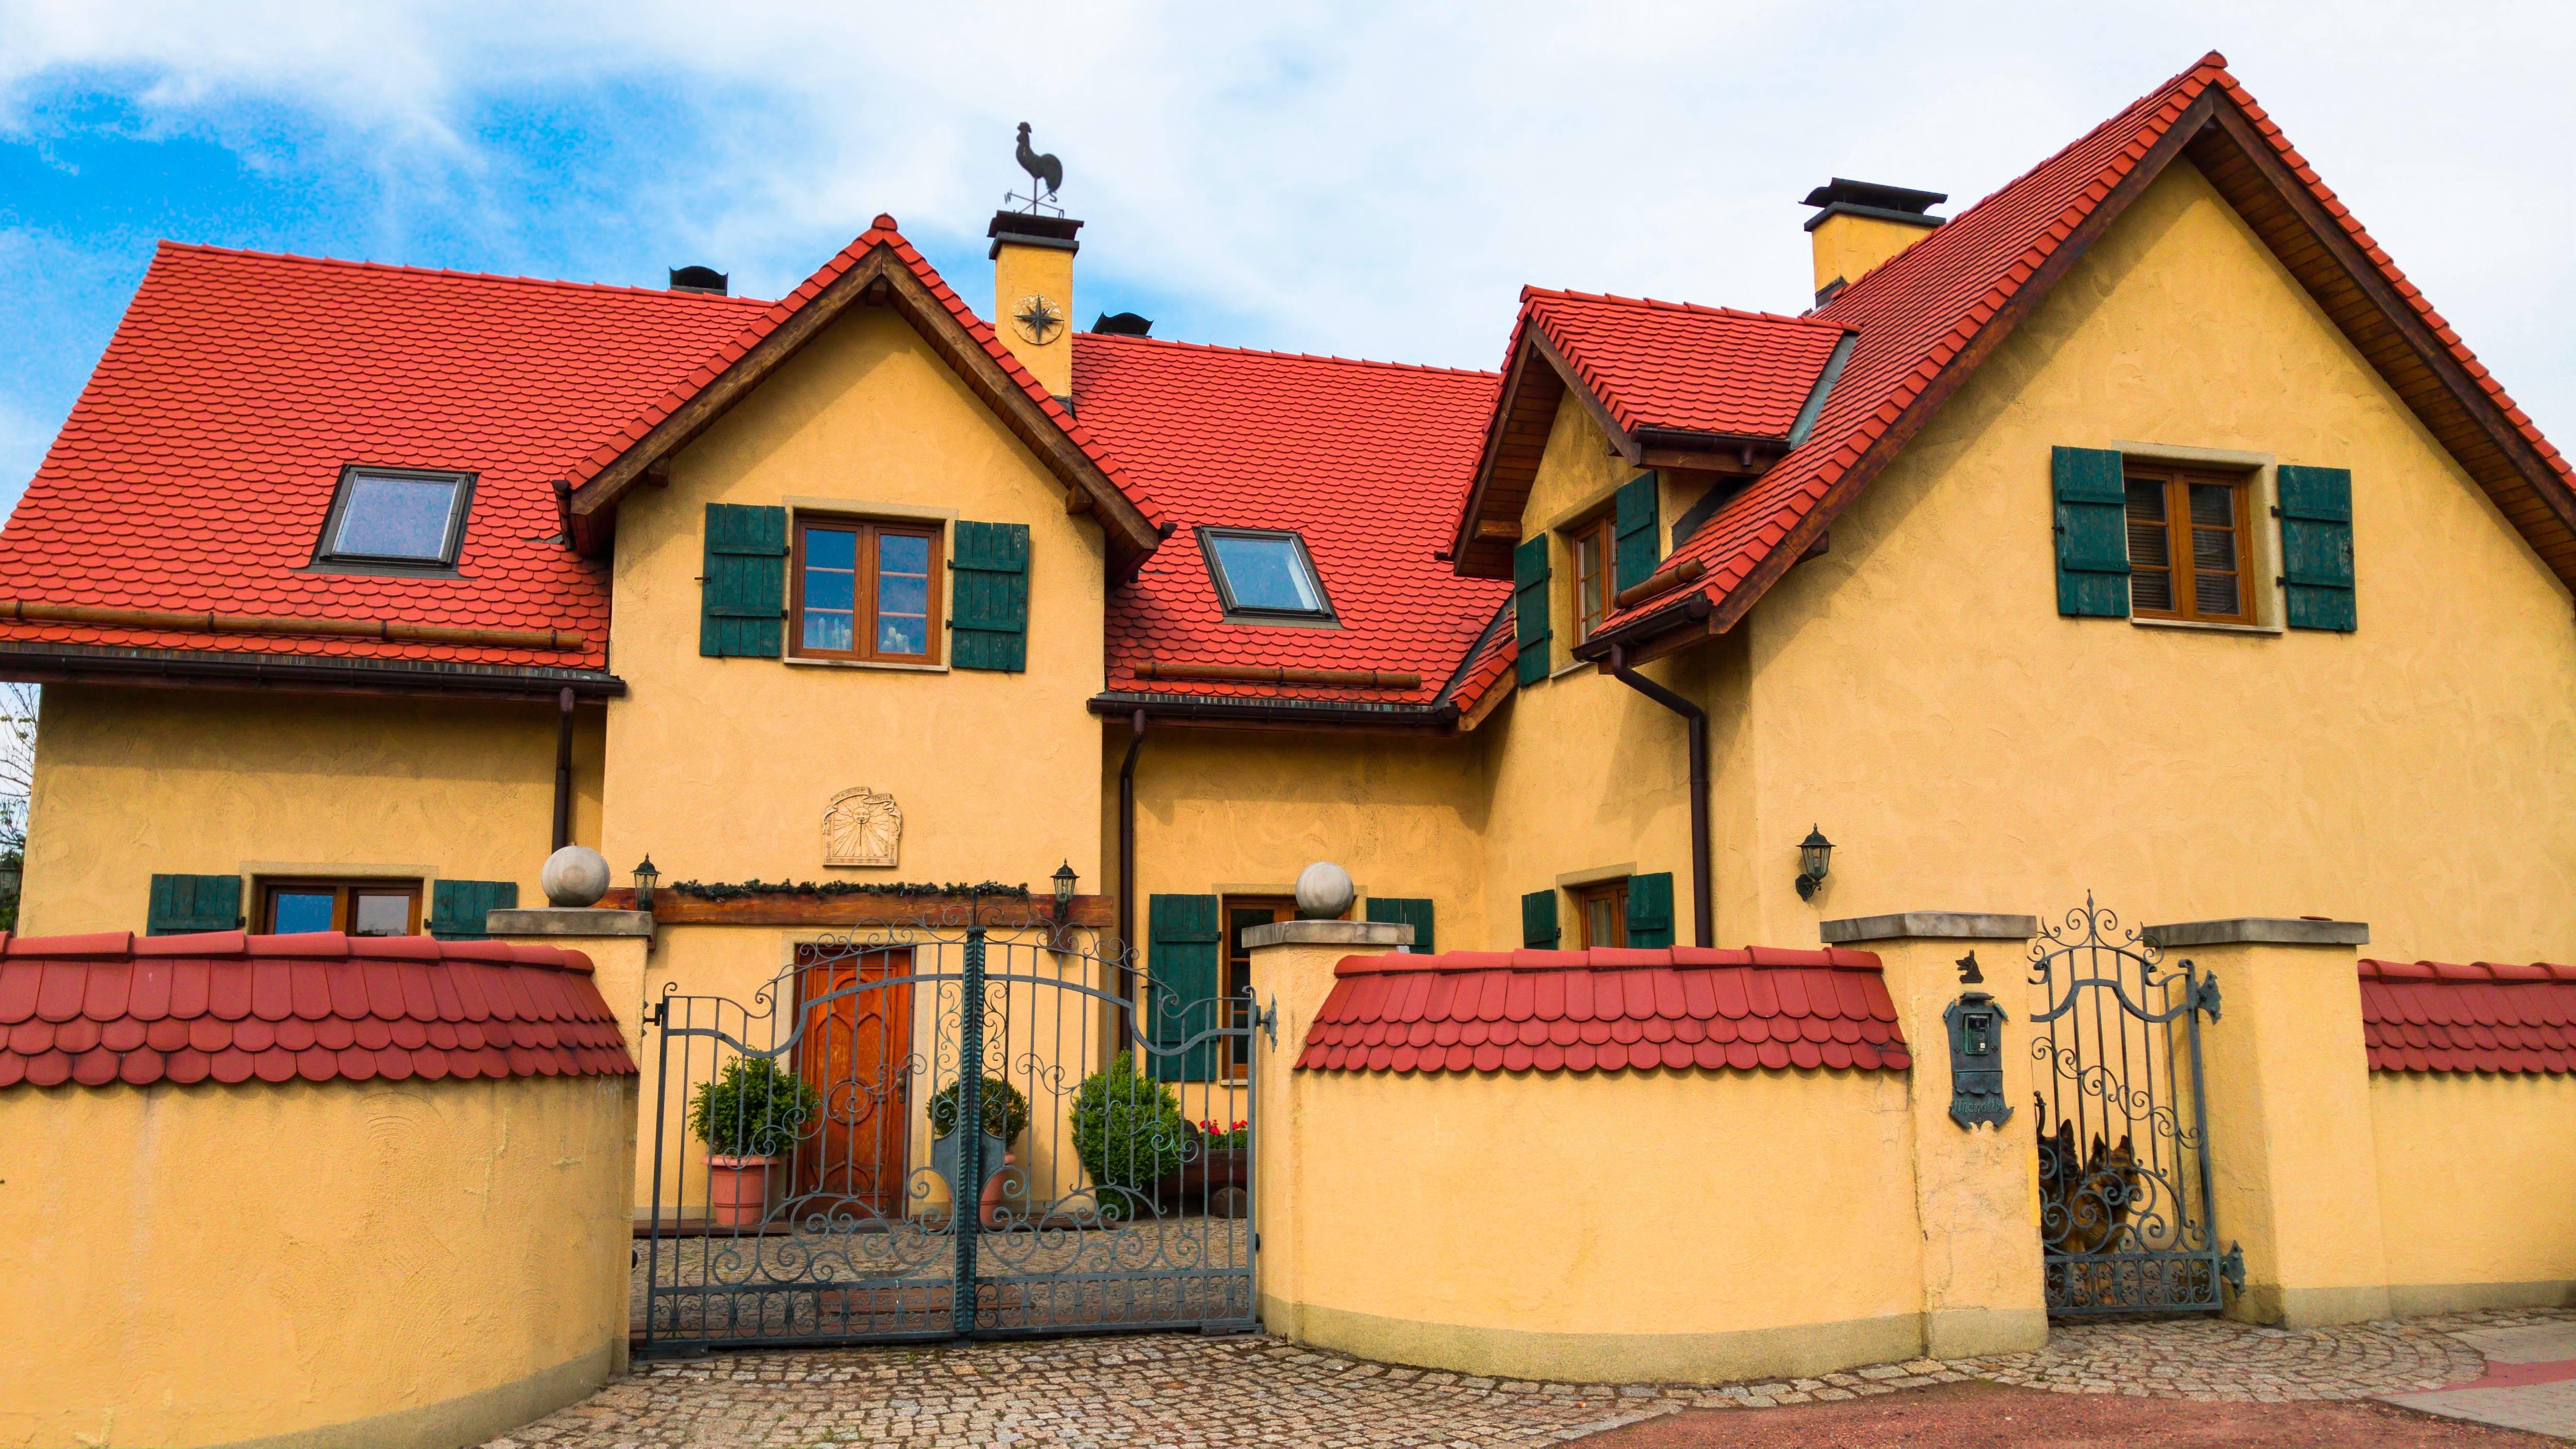 Как снять квартиру в польше: аренда жилья